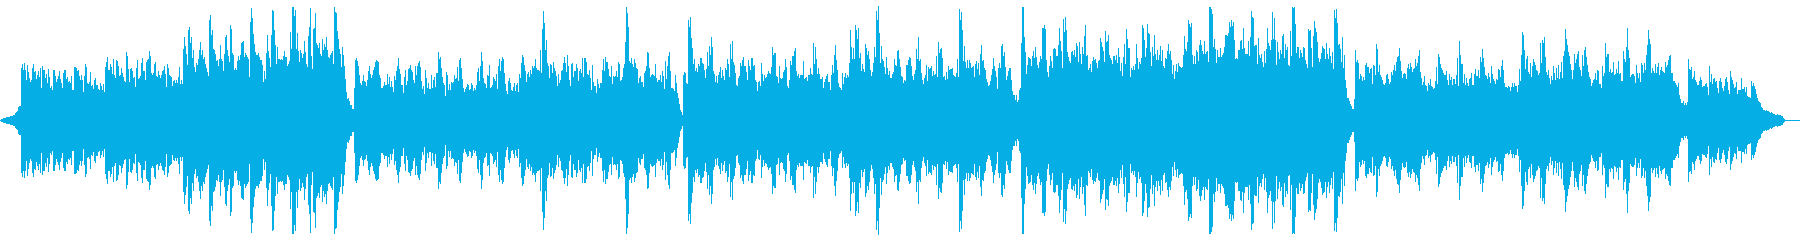 壮大な開幕プレリュード:吹奏楽器抜きの再生済みの波形